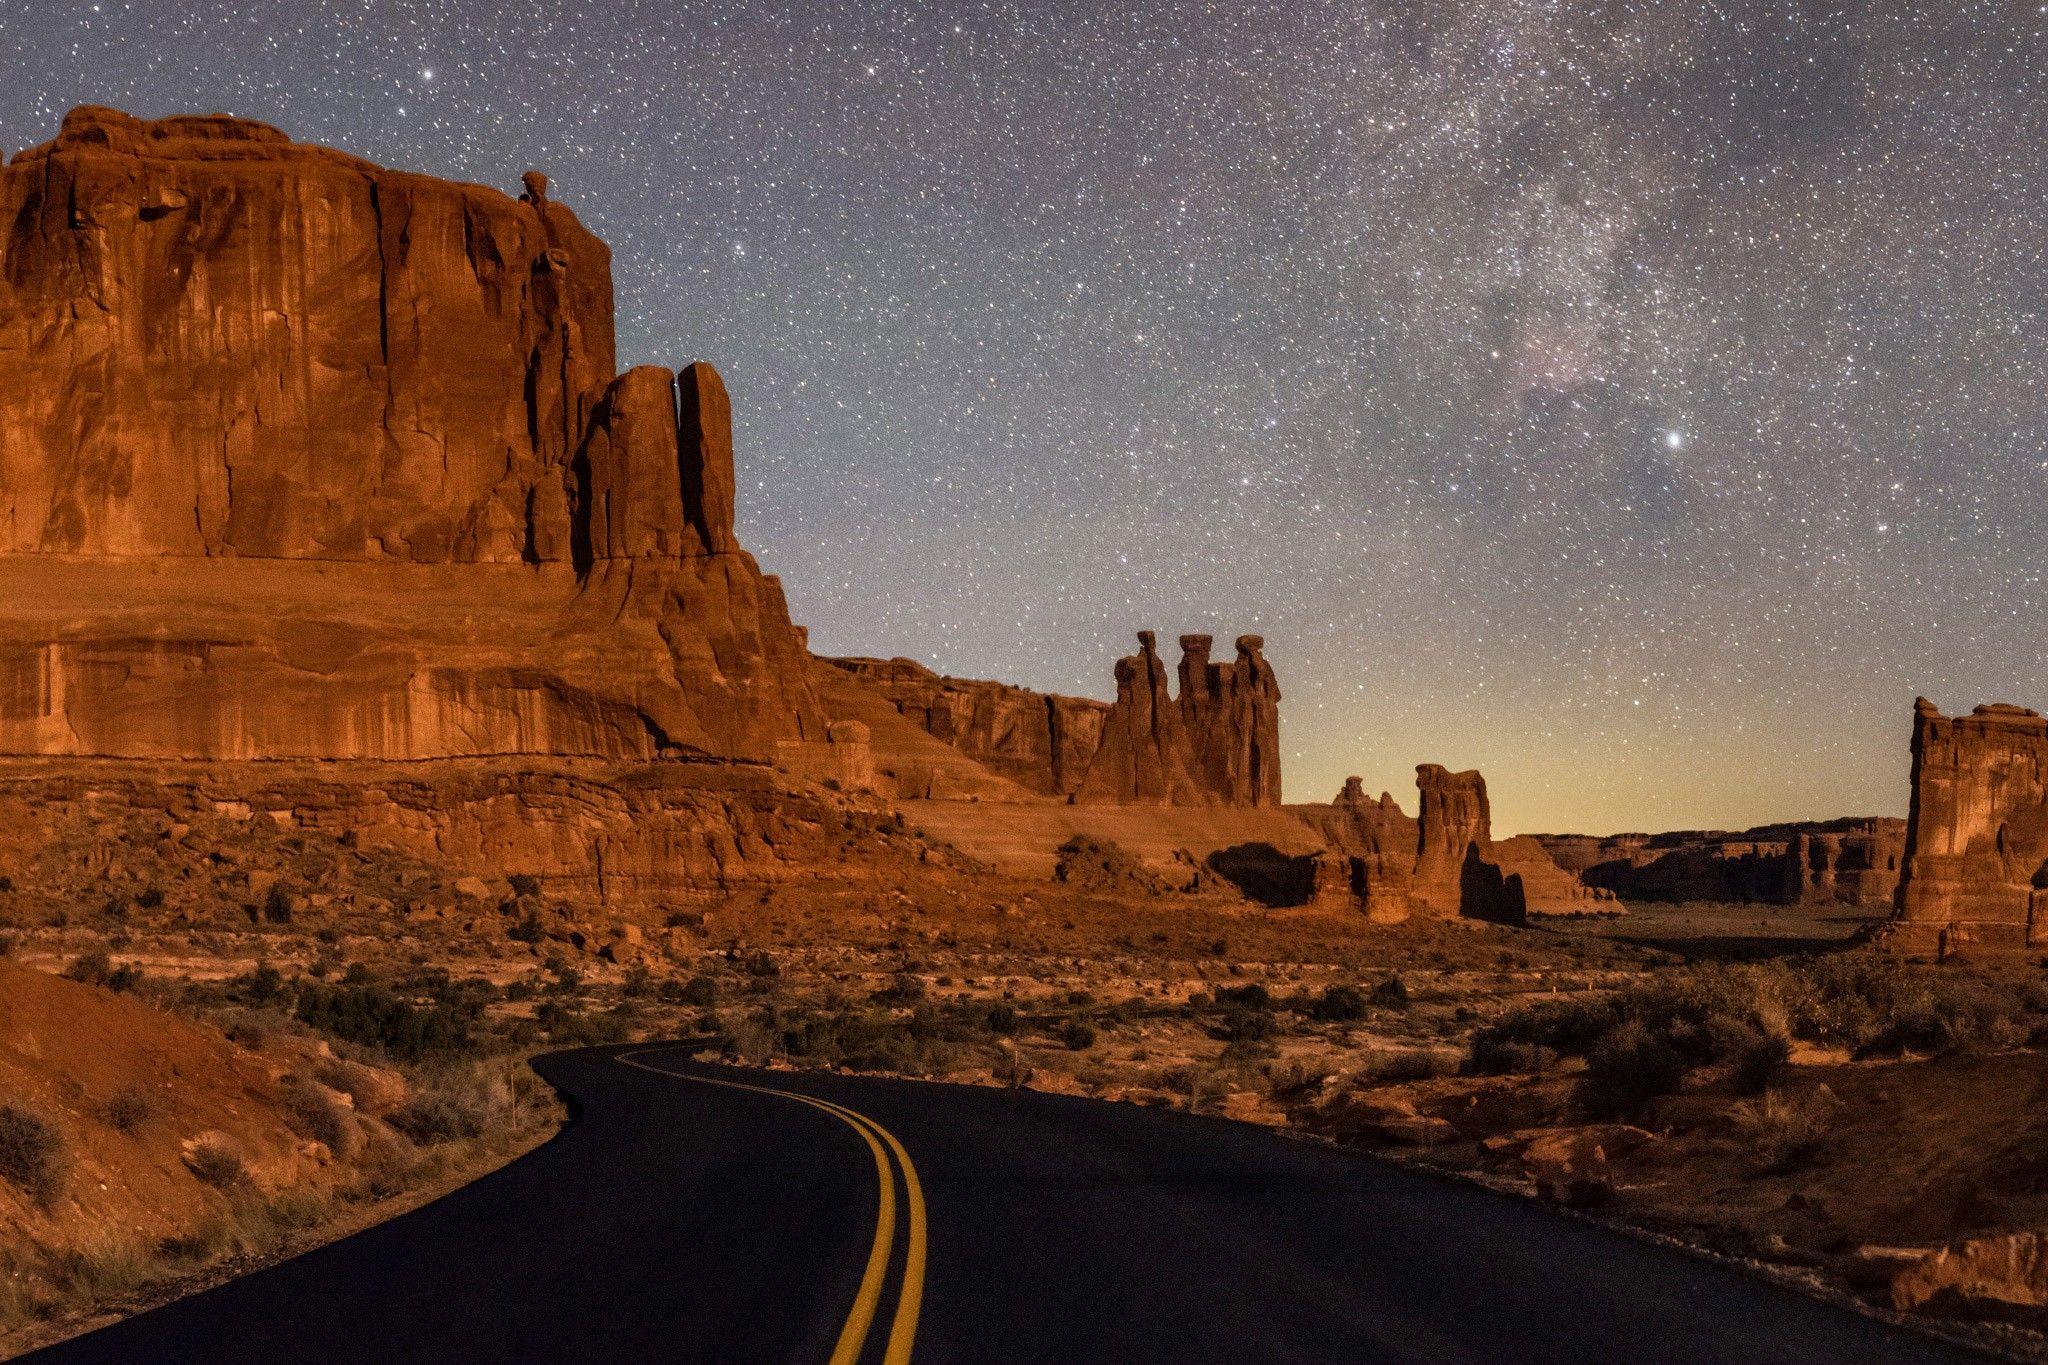 Les États-Unis en images vus par 22 photographes National Geographic | National Geographic